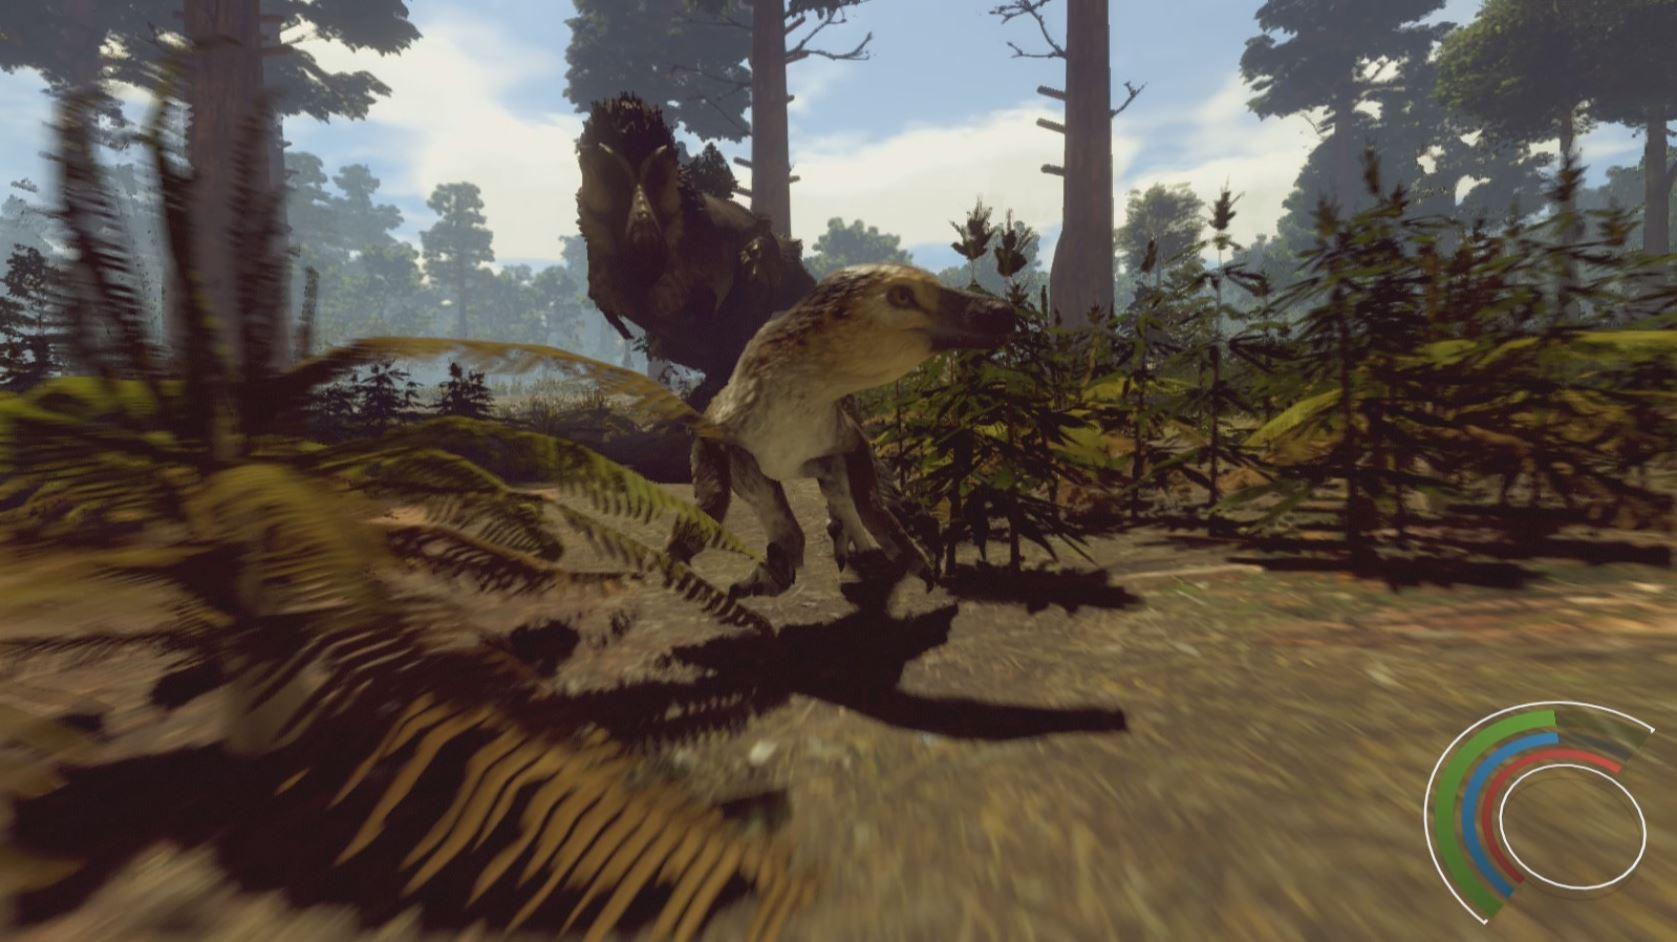 Saurian - Dakotaraptor von Tyrannosaurus verfolgt